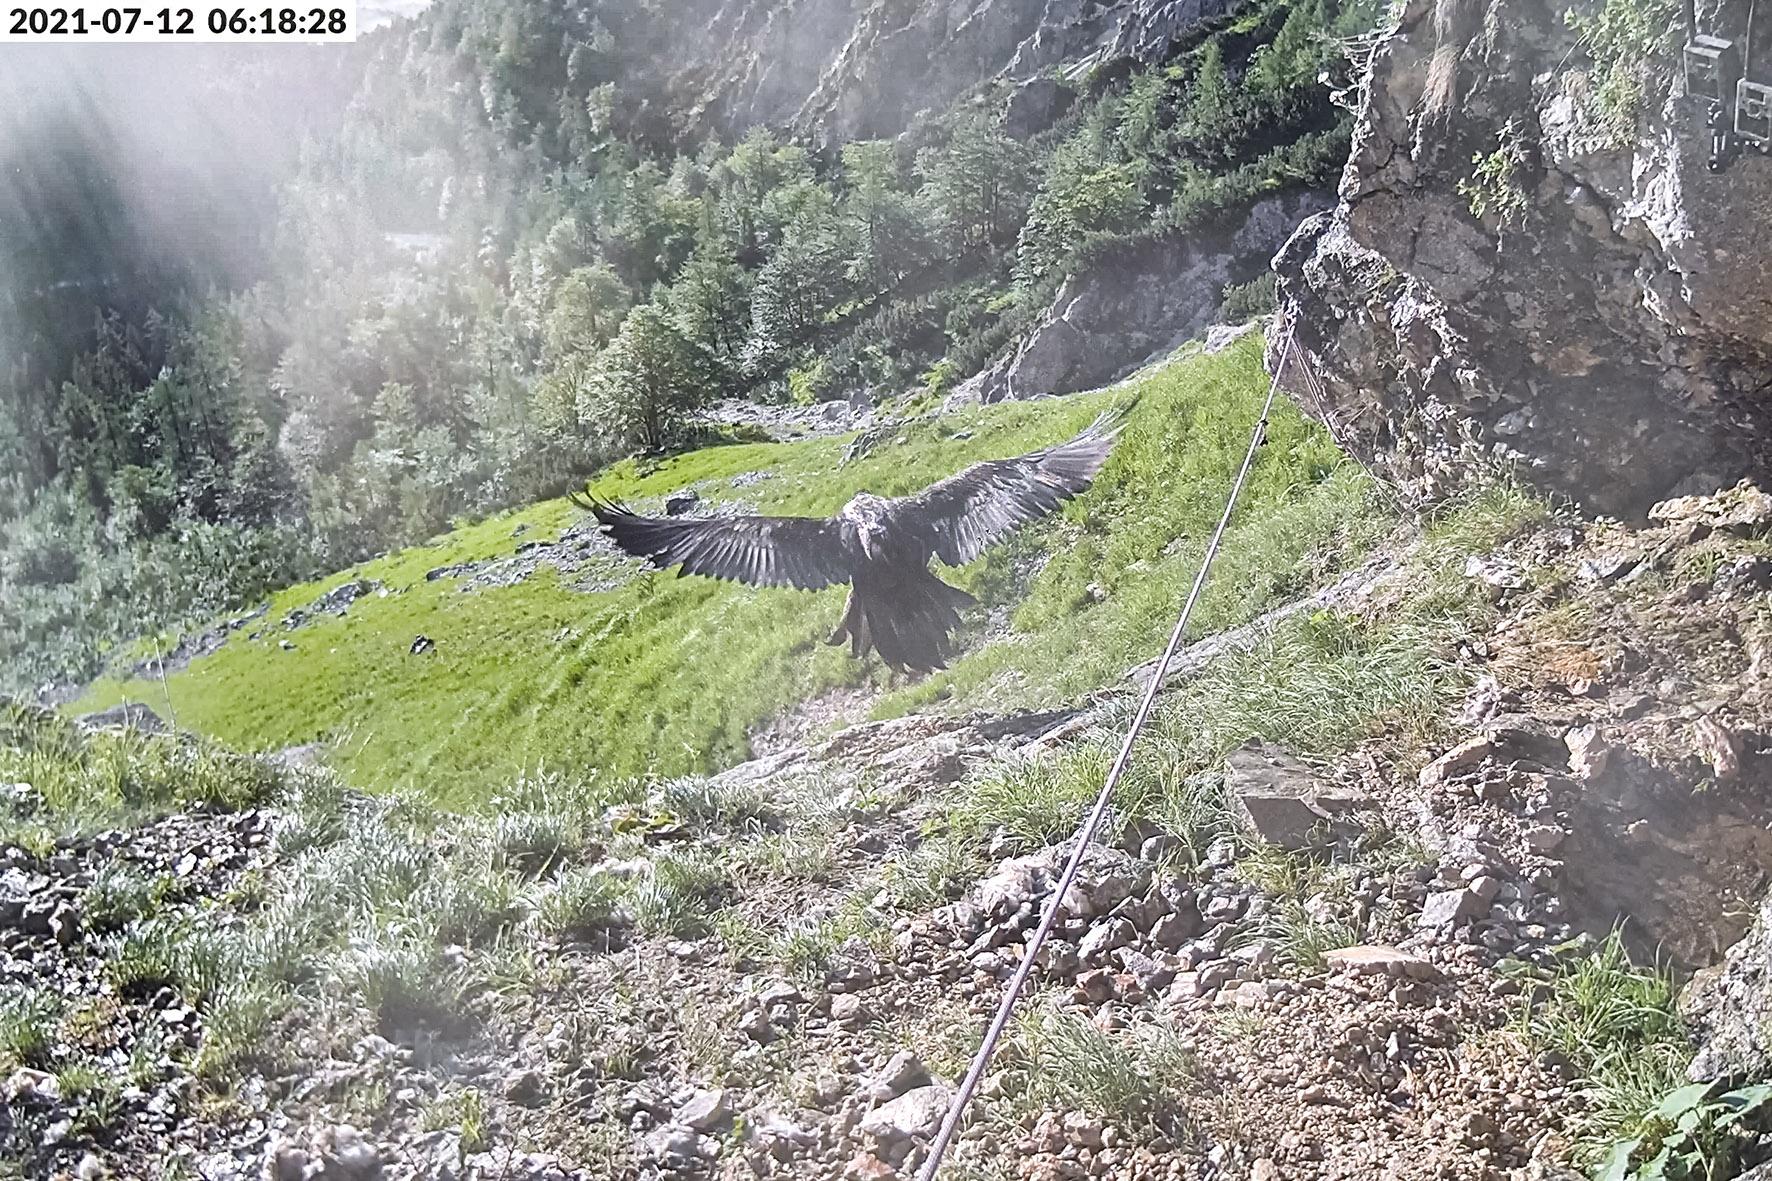 Pressebild: Nun fliegt auch ���Wally���. Nachdem ���Bavaria��� als erste der beiden am 10. Juni im Nationalpark Berchtesgaden ausgewilderten Bartgeier ihre Auswilderungsnische am 8. Juli verlassen hatte, schwang sich heute um 6:18 Uhr auch ���Wally��� zum ersten Mal in die L��fte.